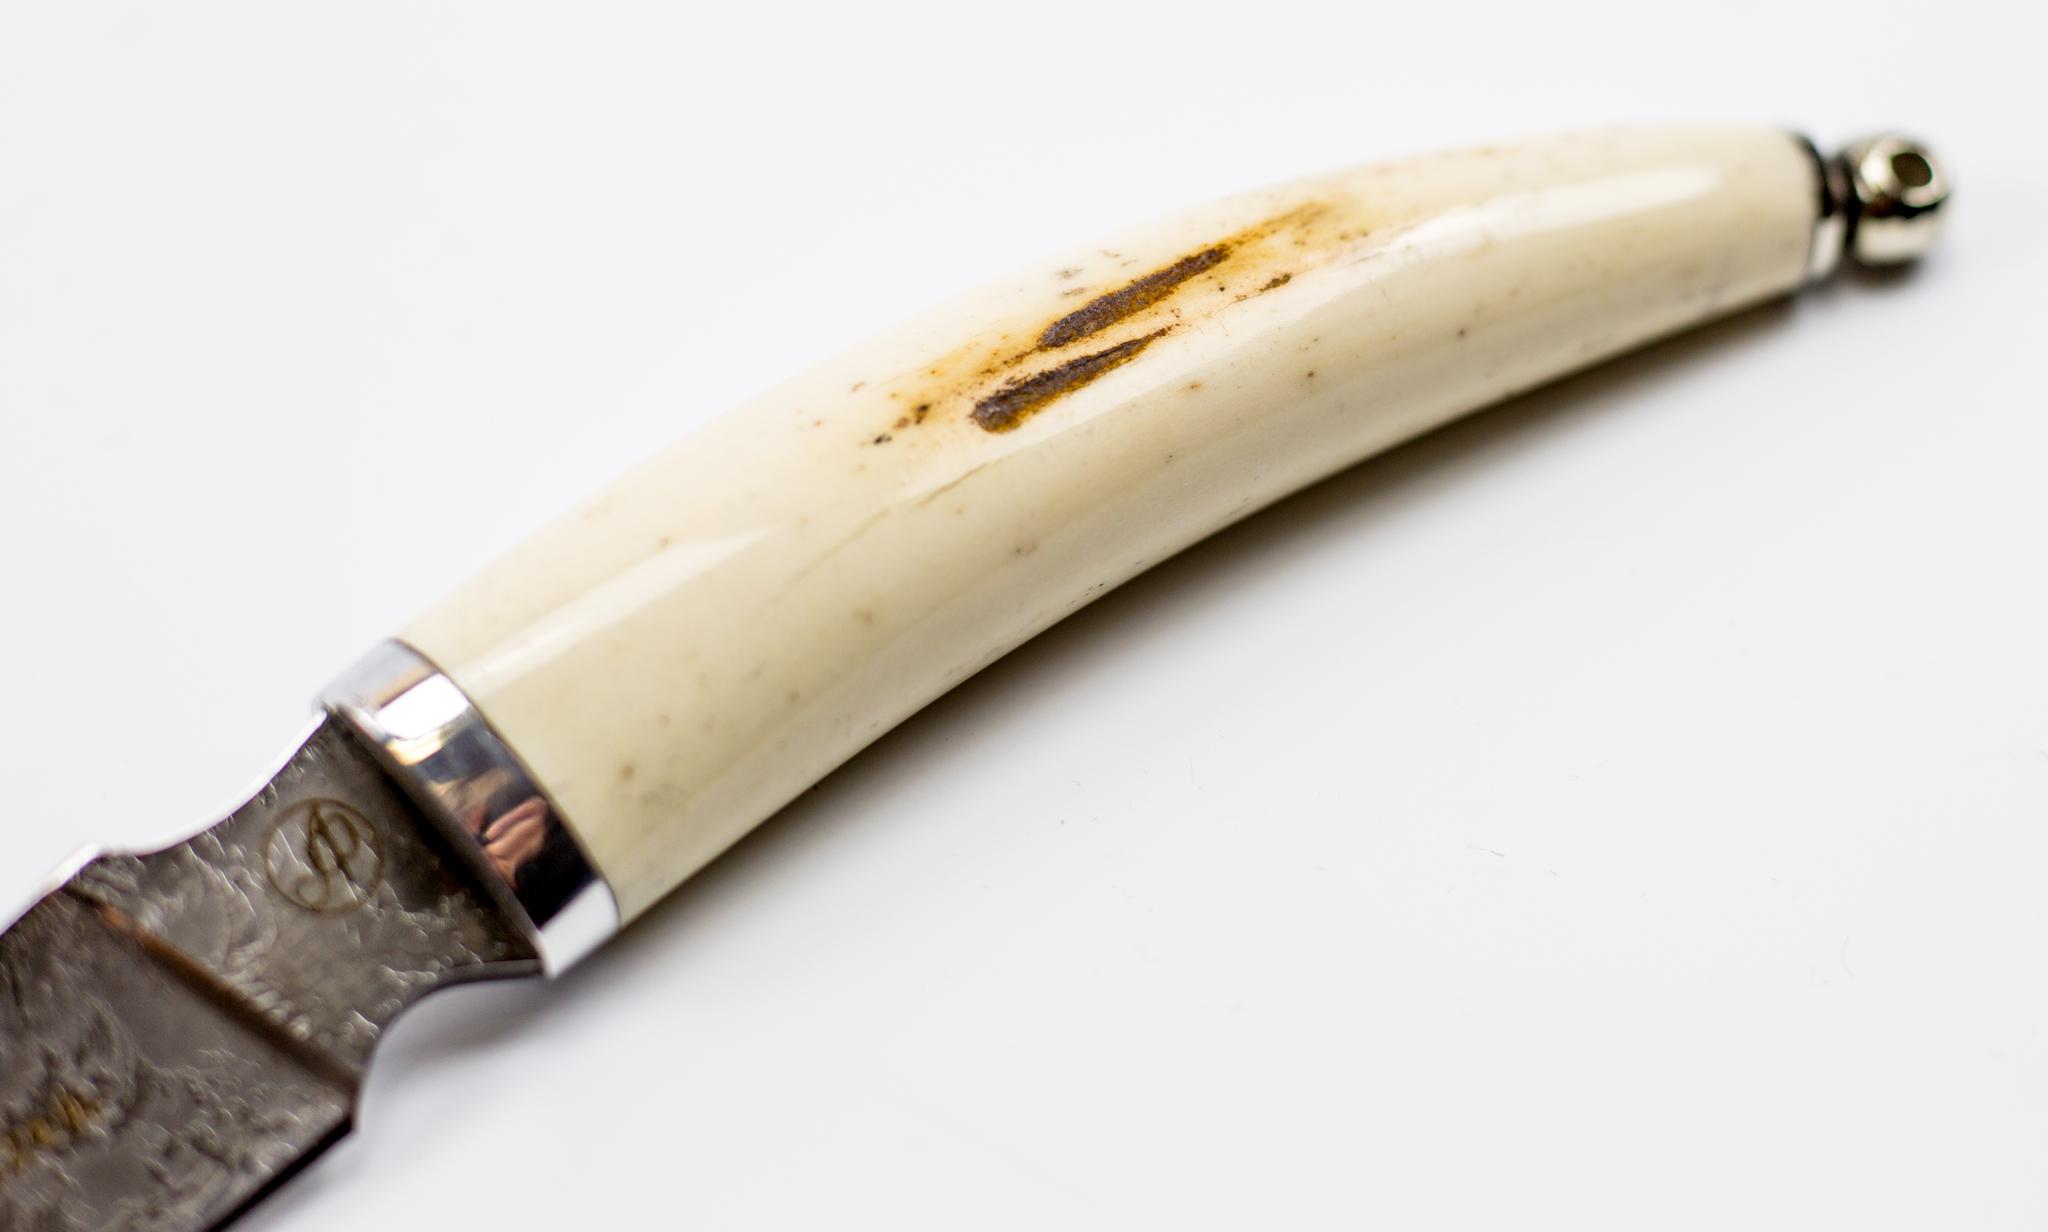 Фото 7 - Нож Рысь малютка, сталь Х12МФ, рог лося от Ножи Фурсач